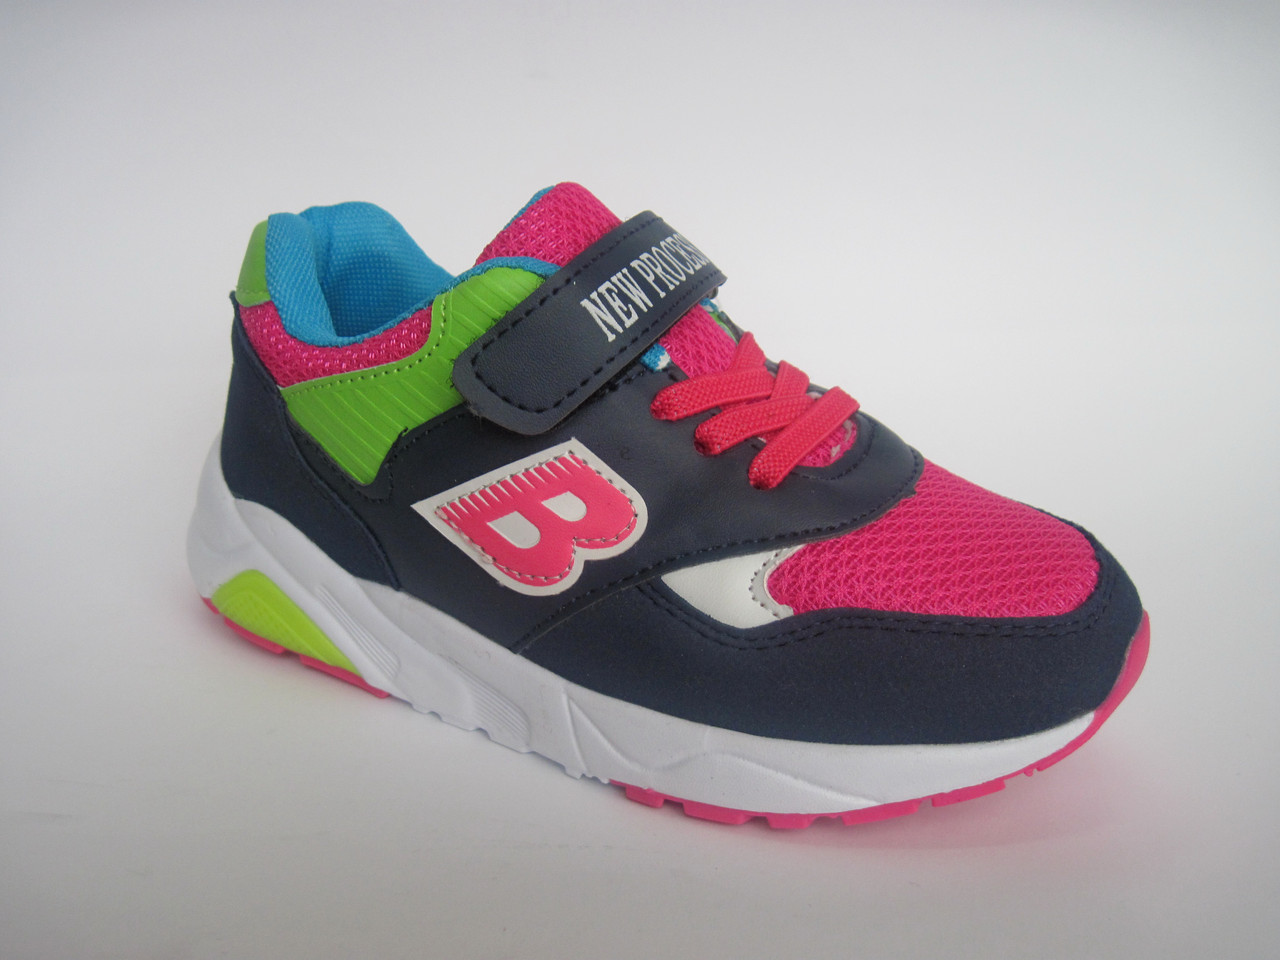 d43fcae4 Стильные детские кроссовки для девочки, р. 31 - 18,5 см: продажа ...